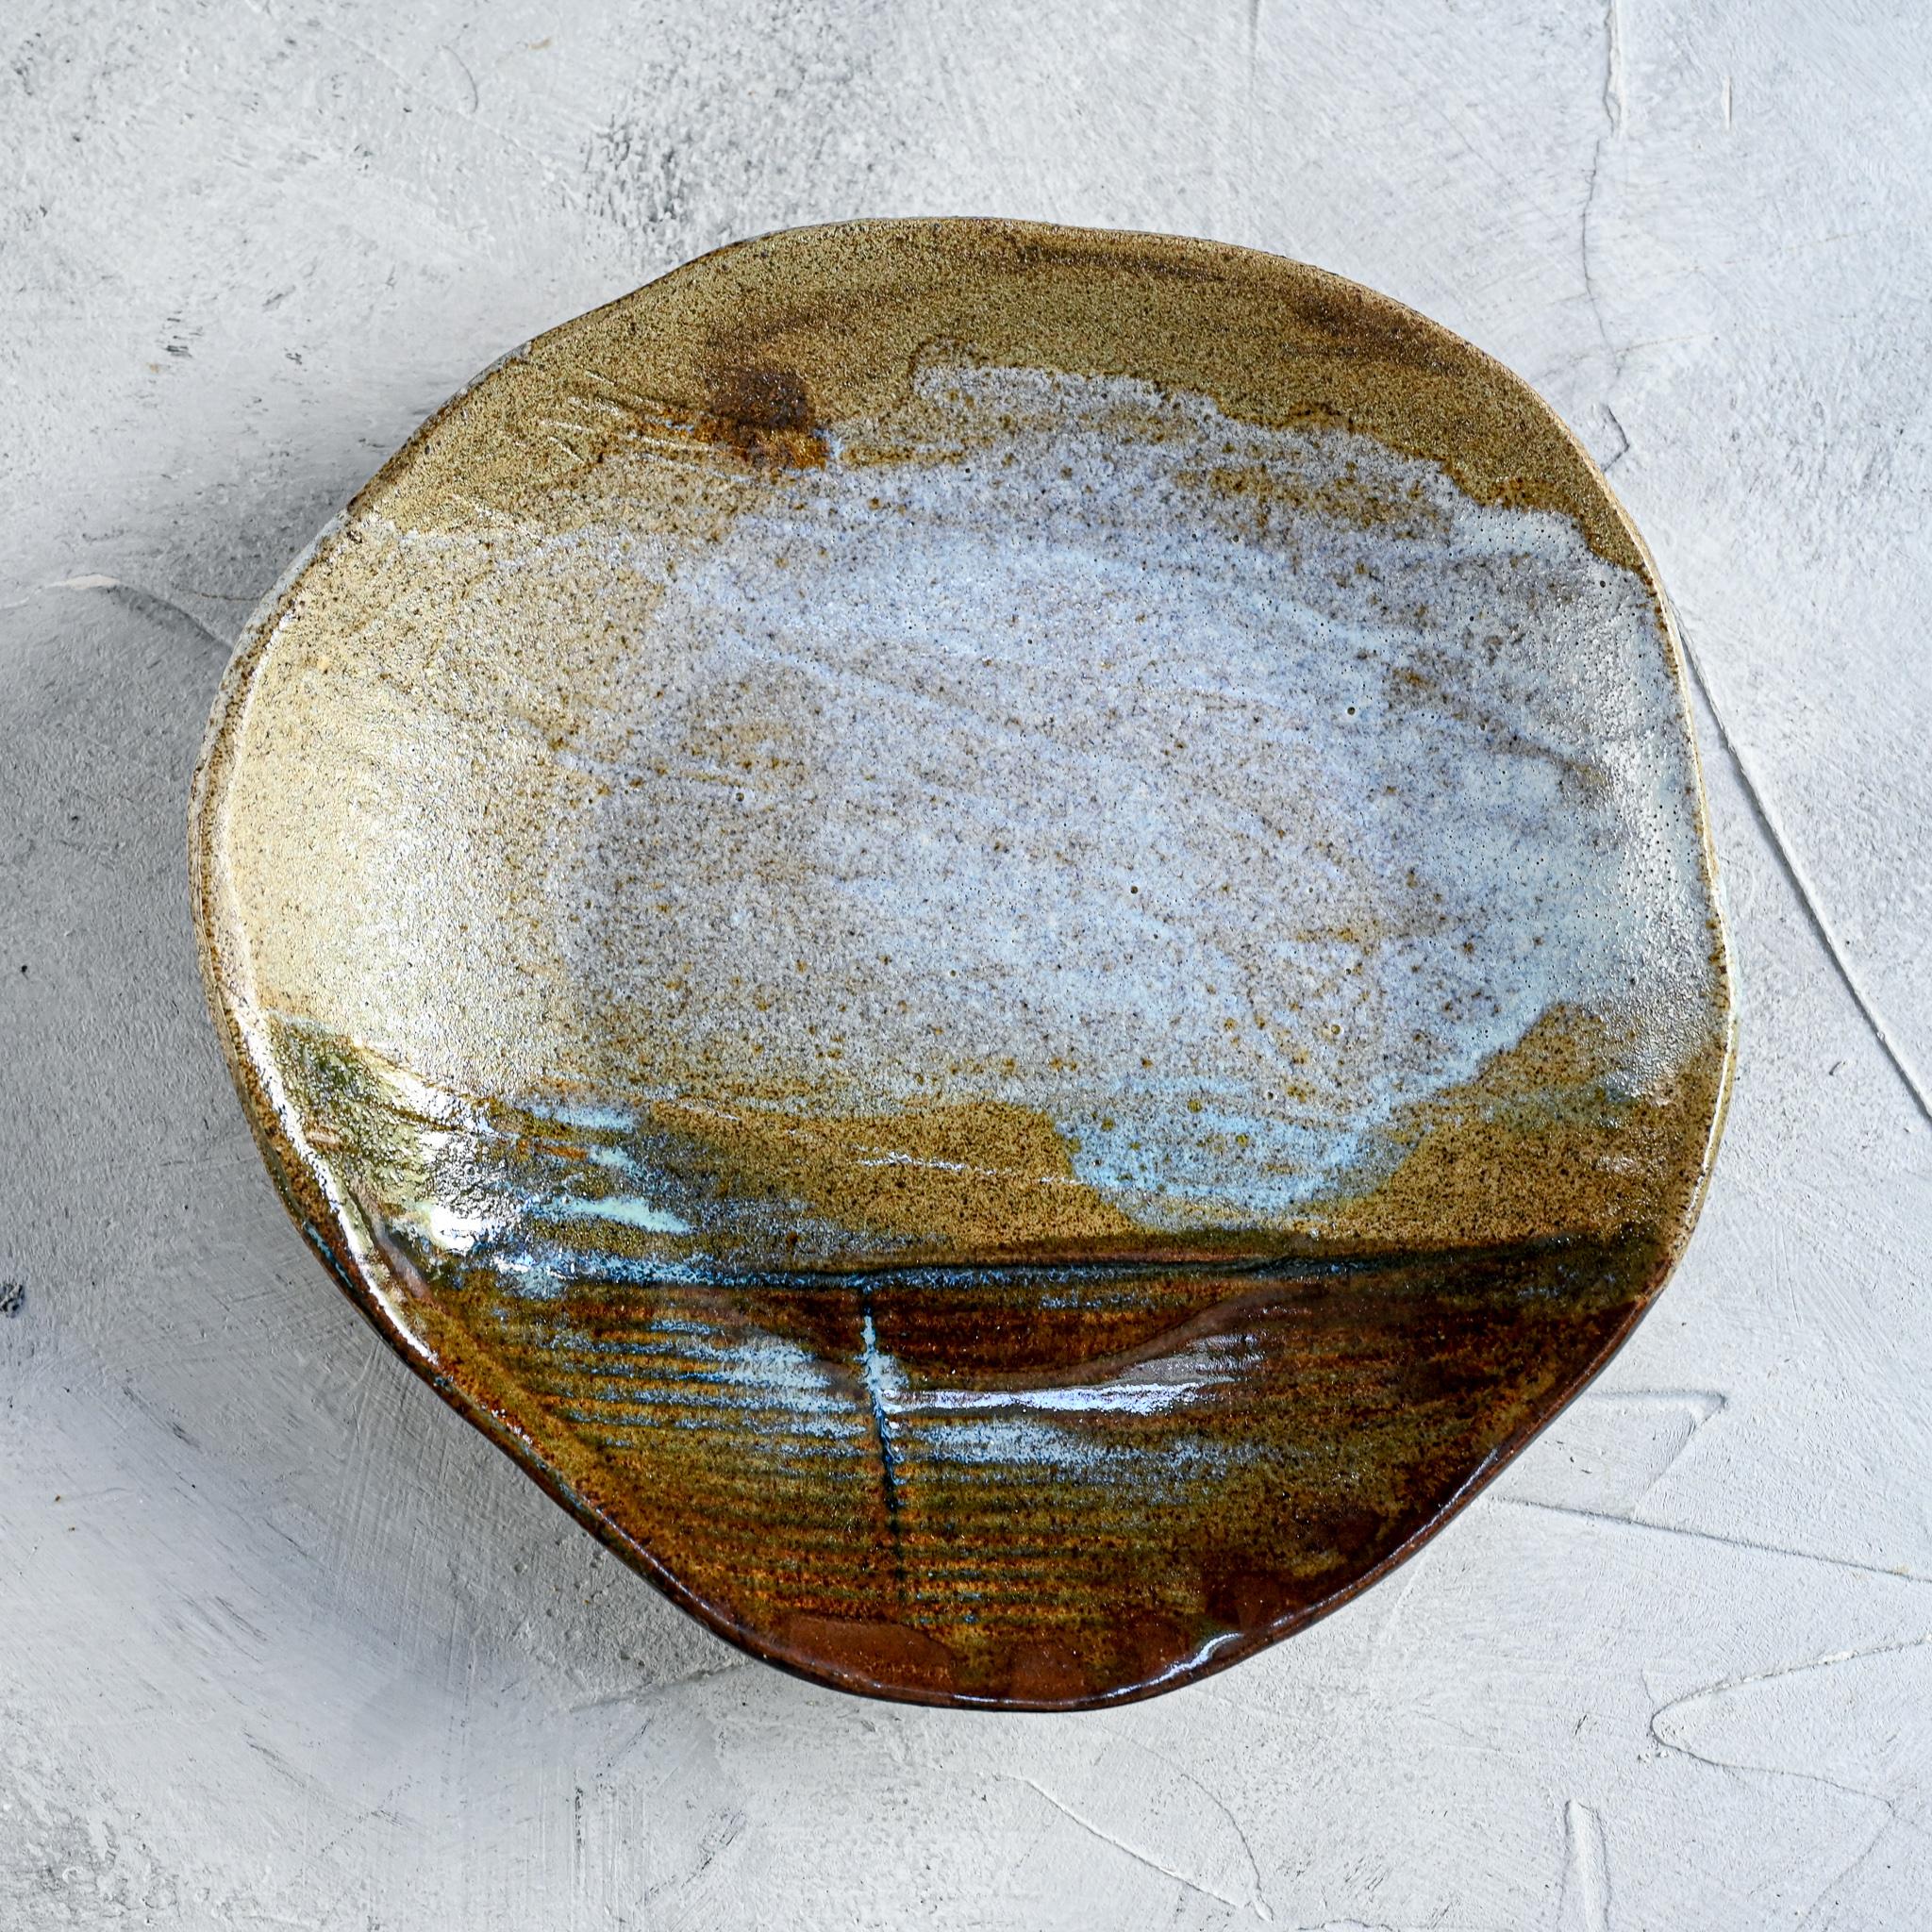 """картинка Тарелка """"Япония"""" неправильной формы темная - DishWishes.Ru"""